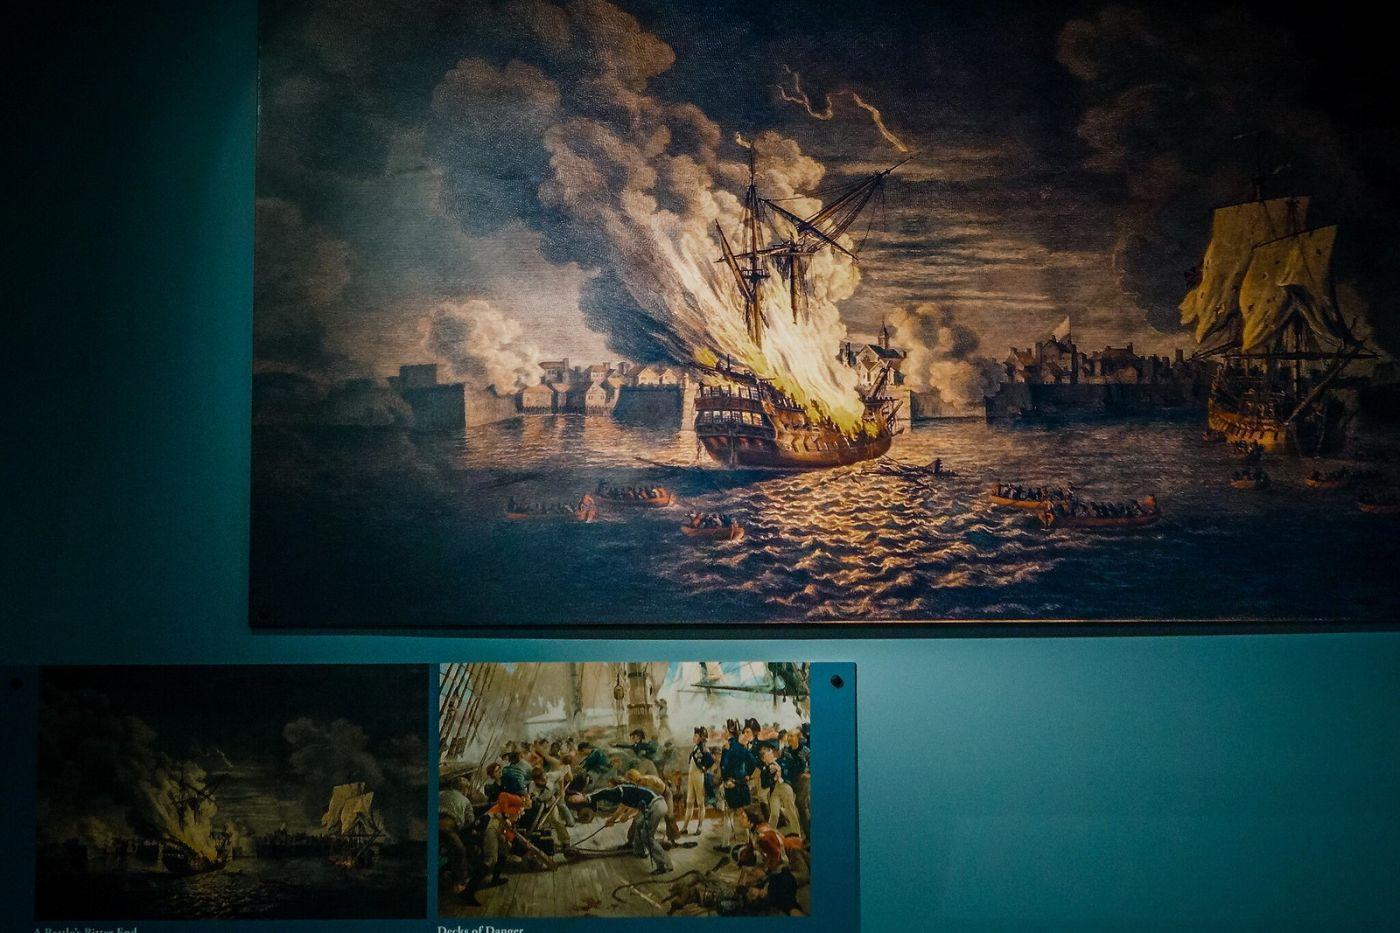 加拿大哈利法克斯(Halifax)大西洋海事博物馆_图1-32